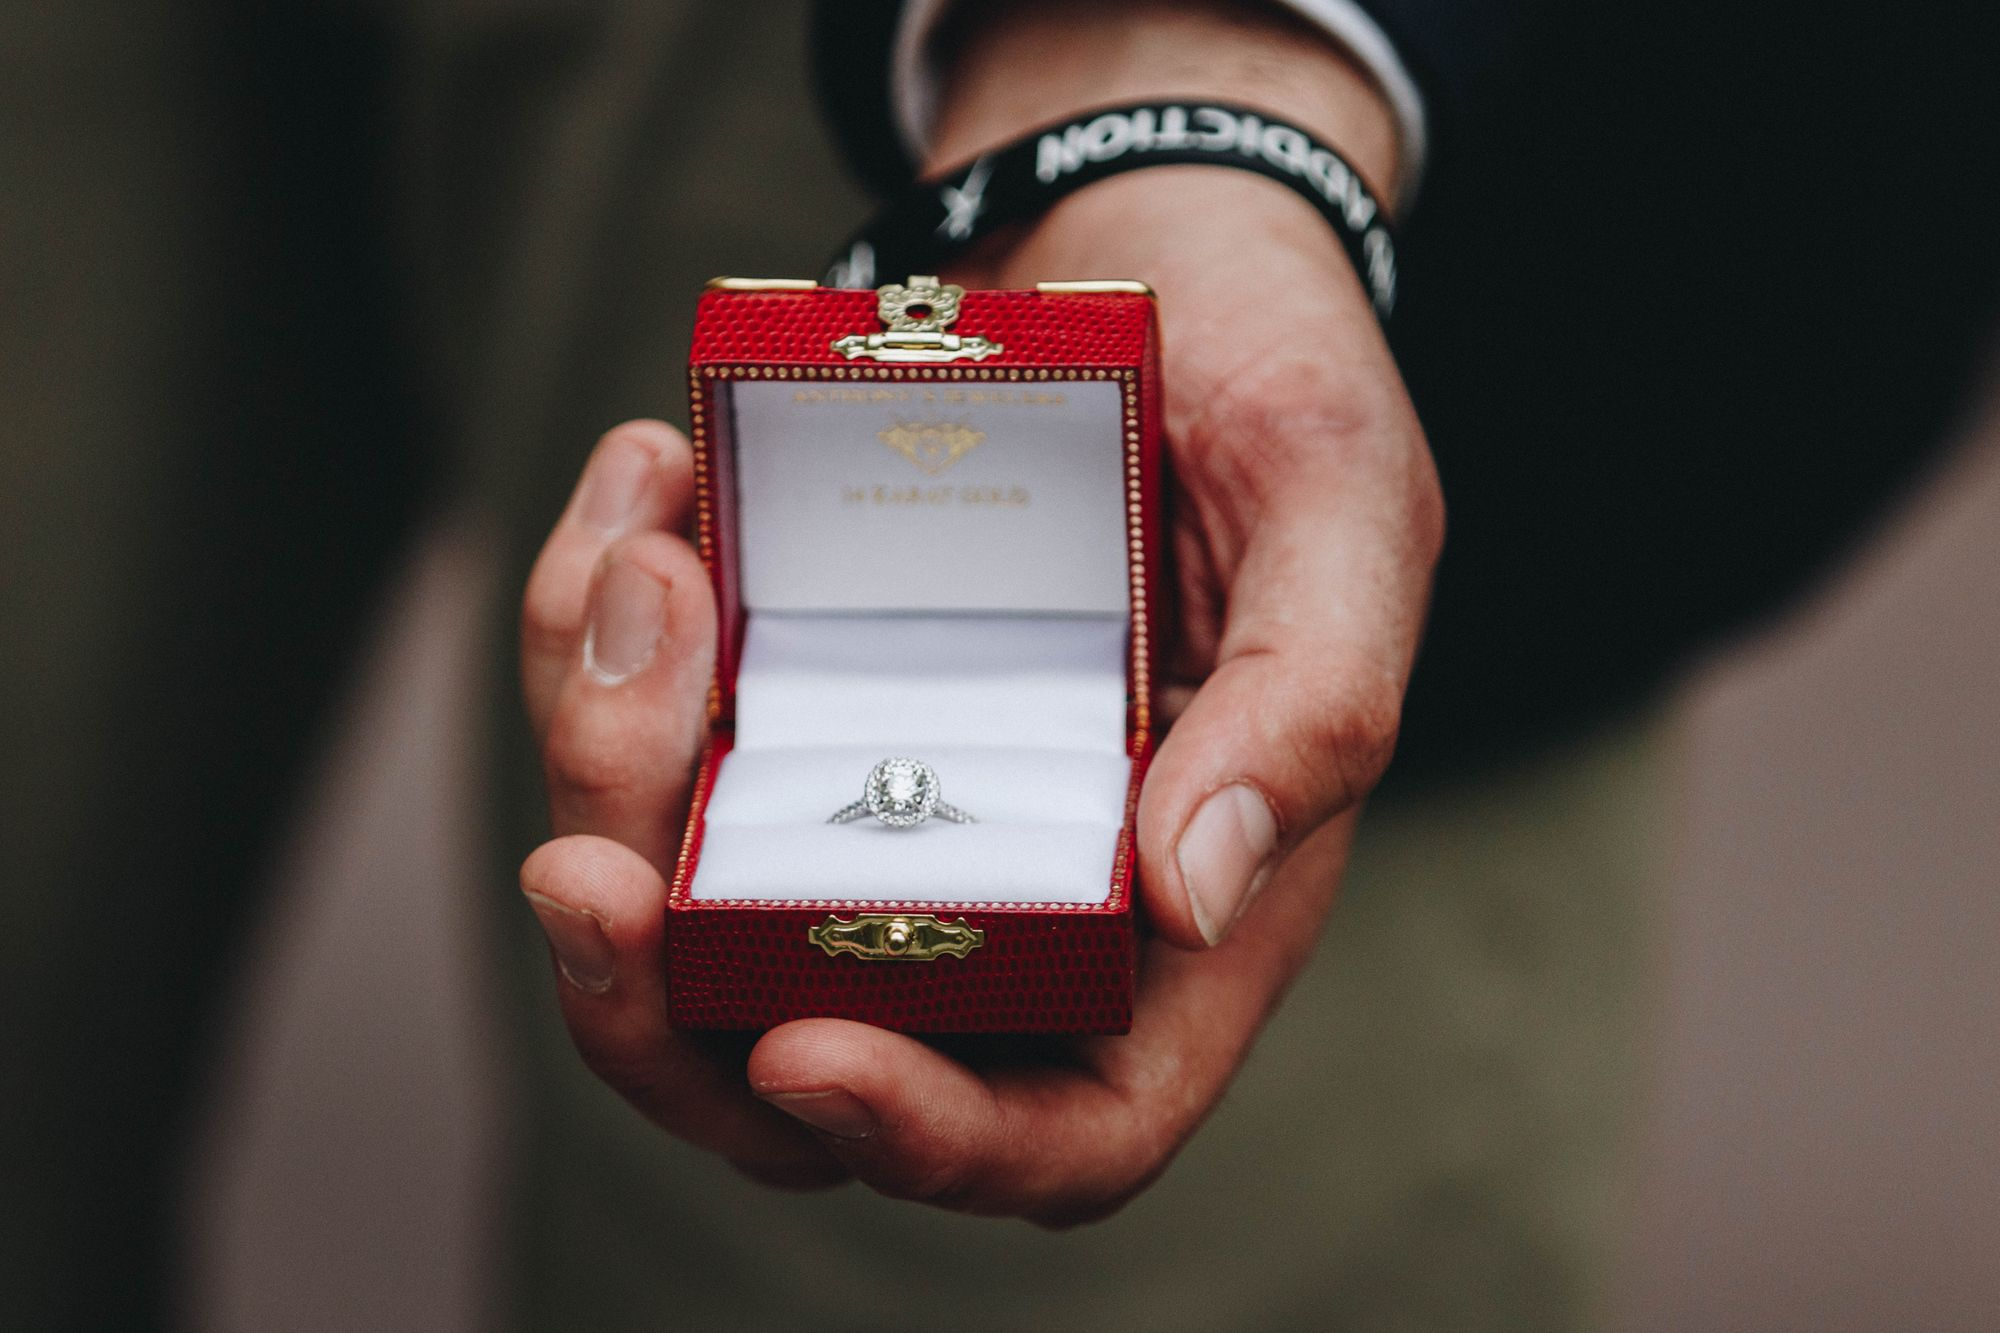 Mann hält einen Verlobungsring in einer roten Ringschatulle